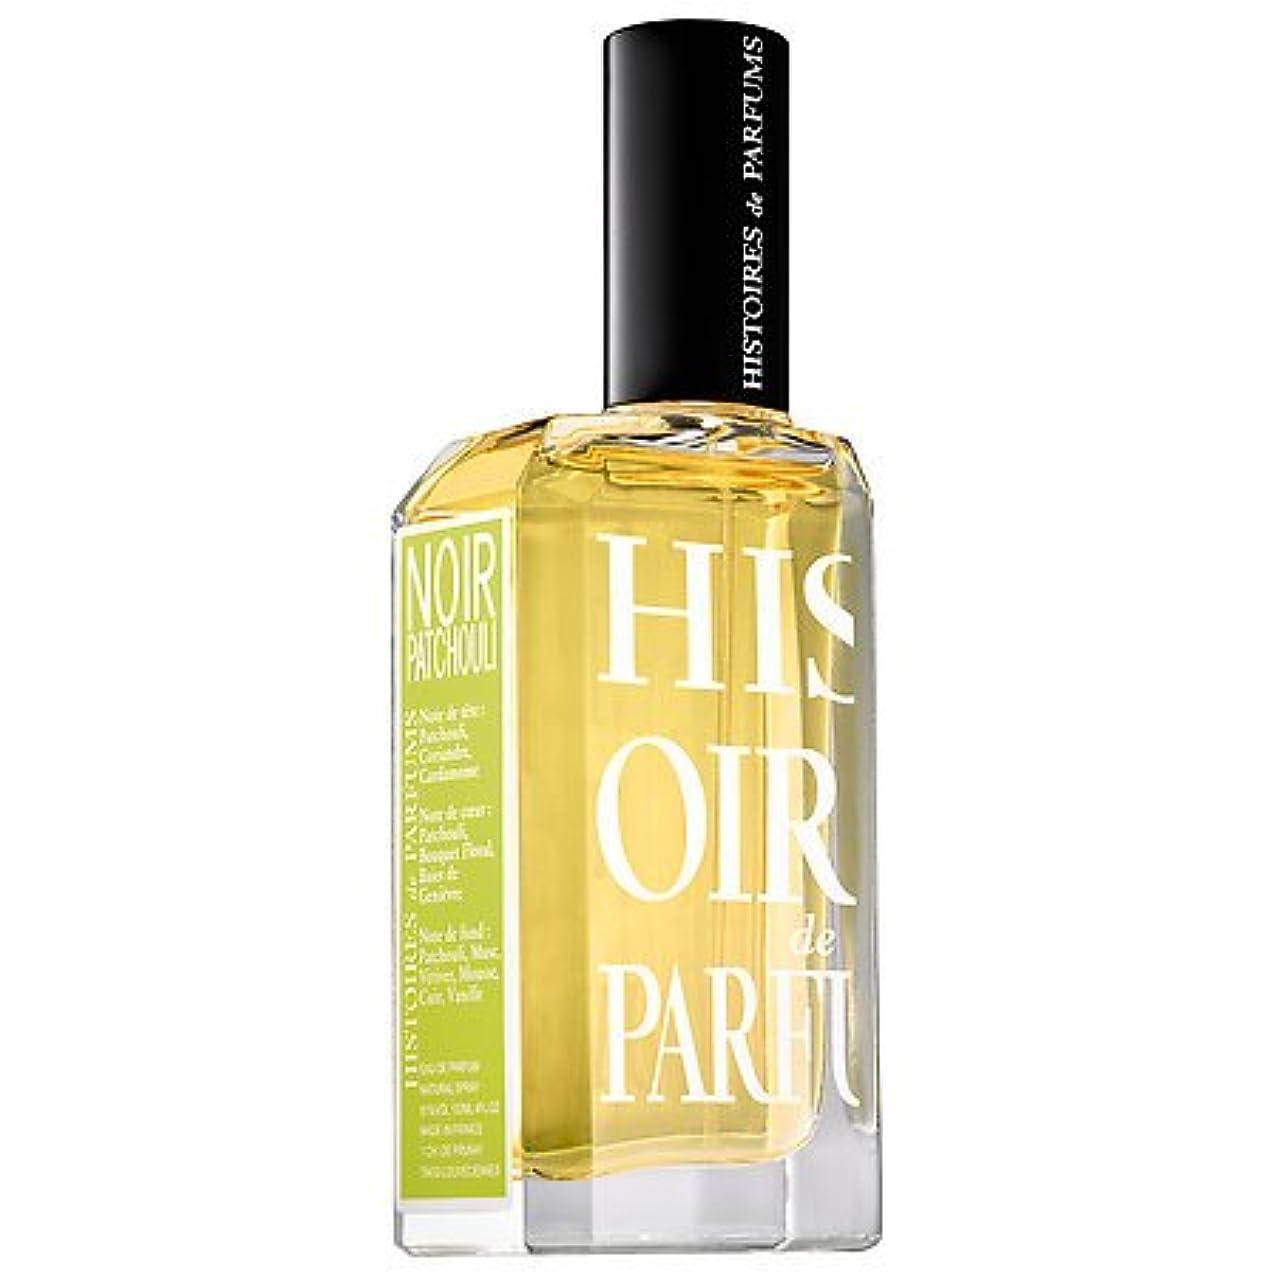 見る人吐き出すうまくやる()Histoires de Parfums Noir Patchouli (ヒストワレス デ パルファム ノアー パチョリ) 2.0 oz (60ml) EDP Spray for Men